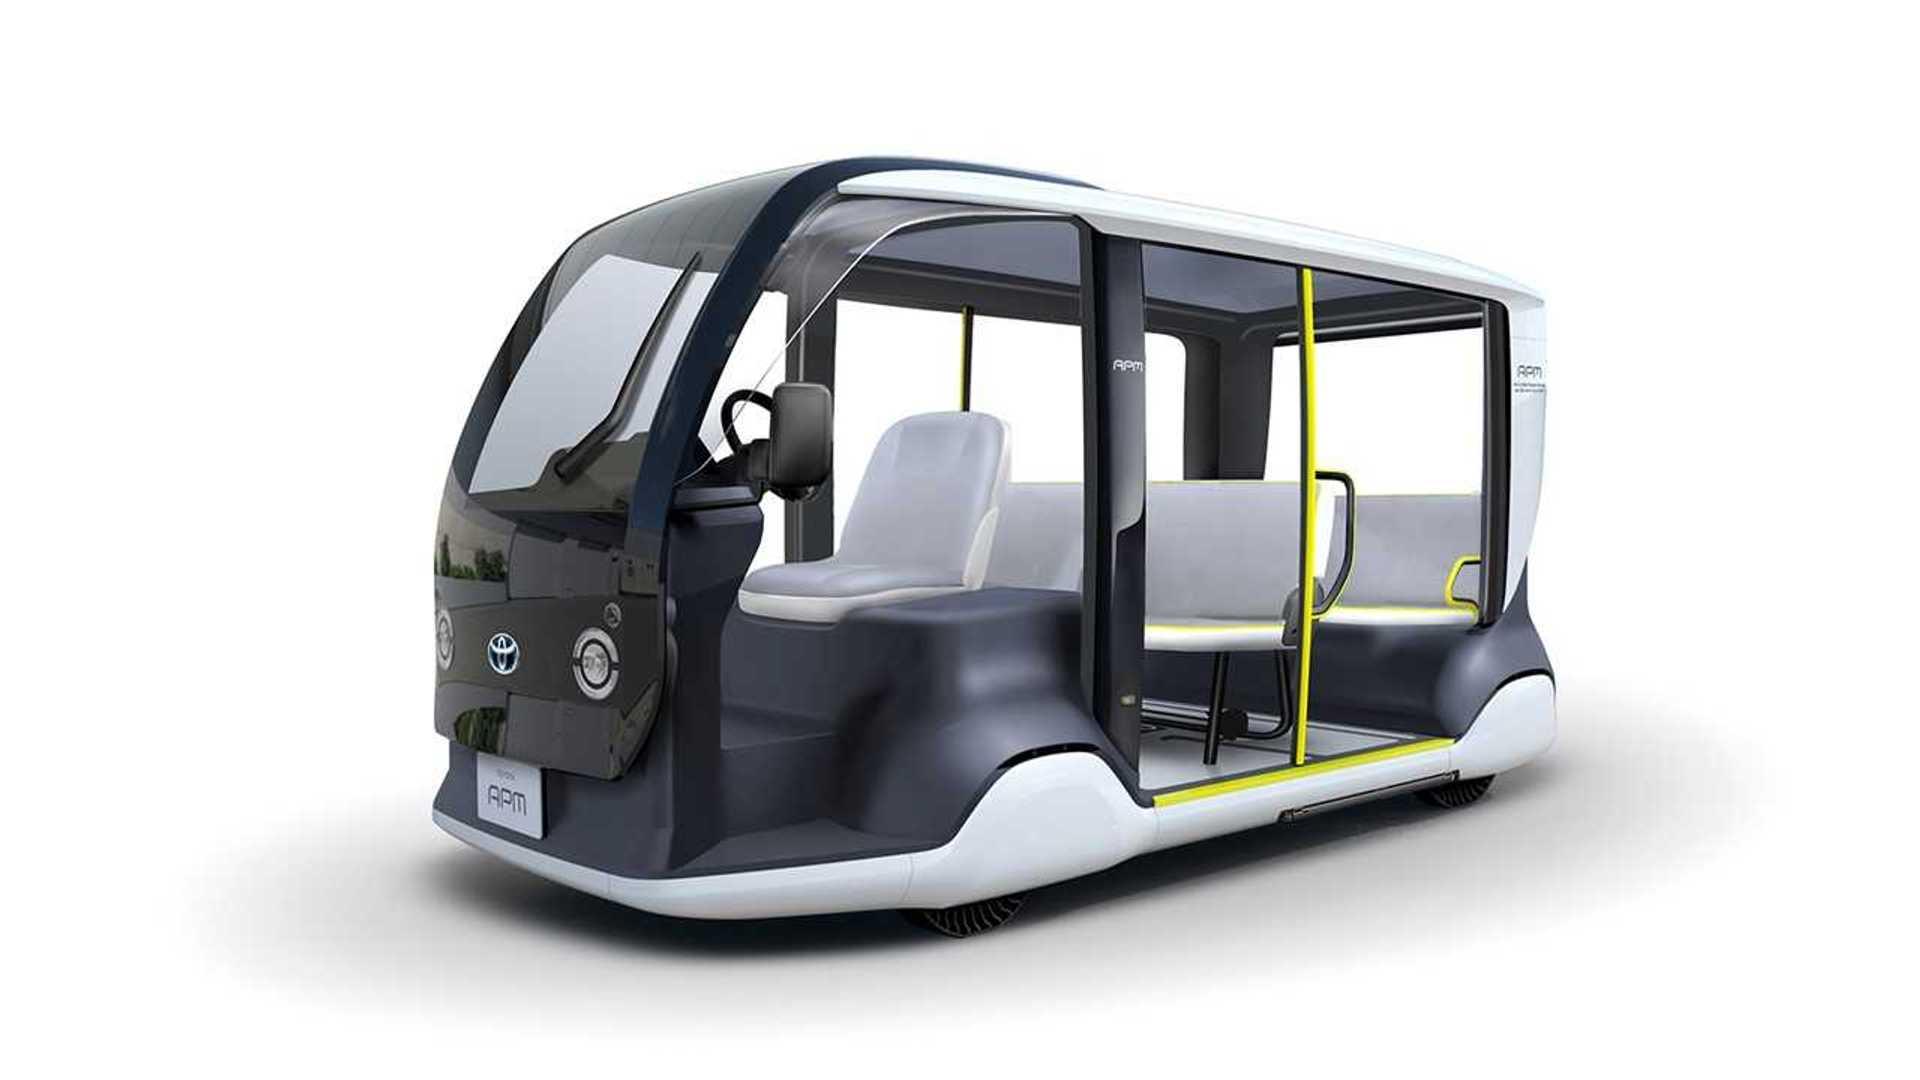 Toyota, ecco il veicolo per le olimpiadi di Tokyo 2020